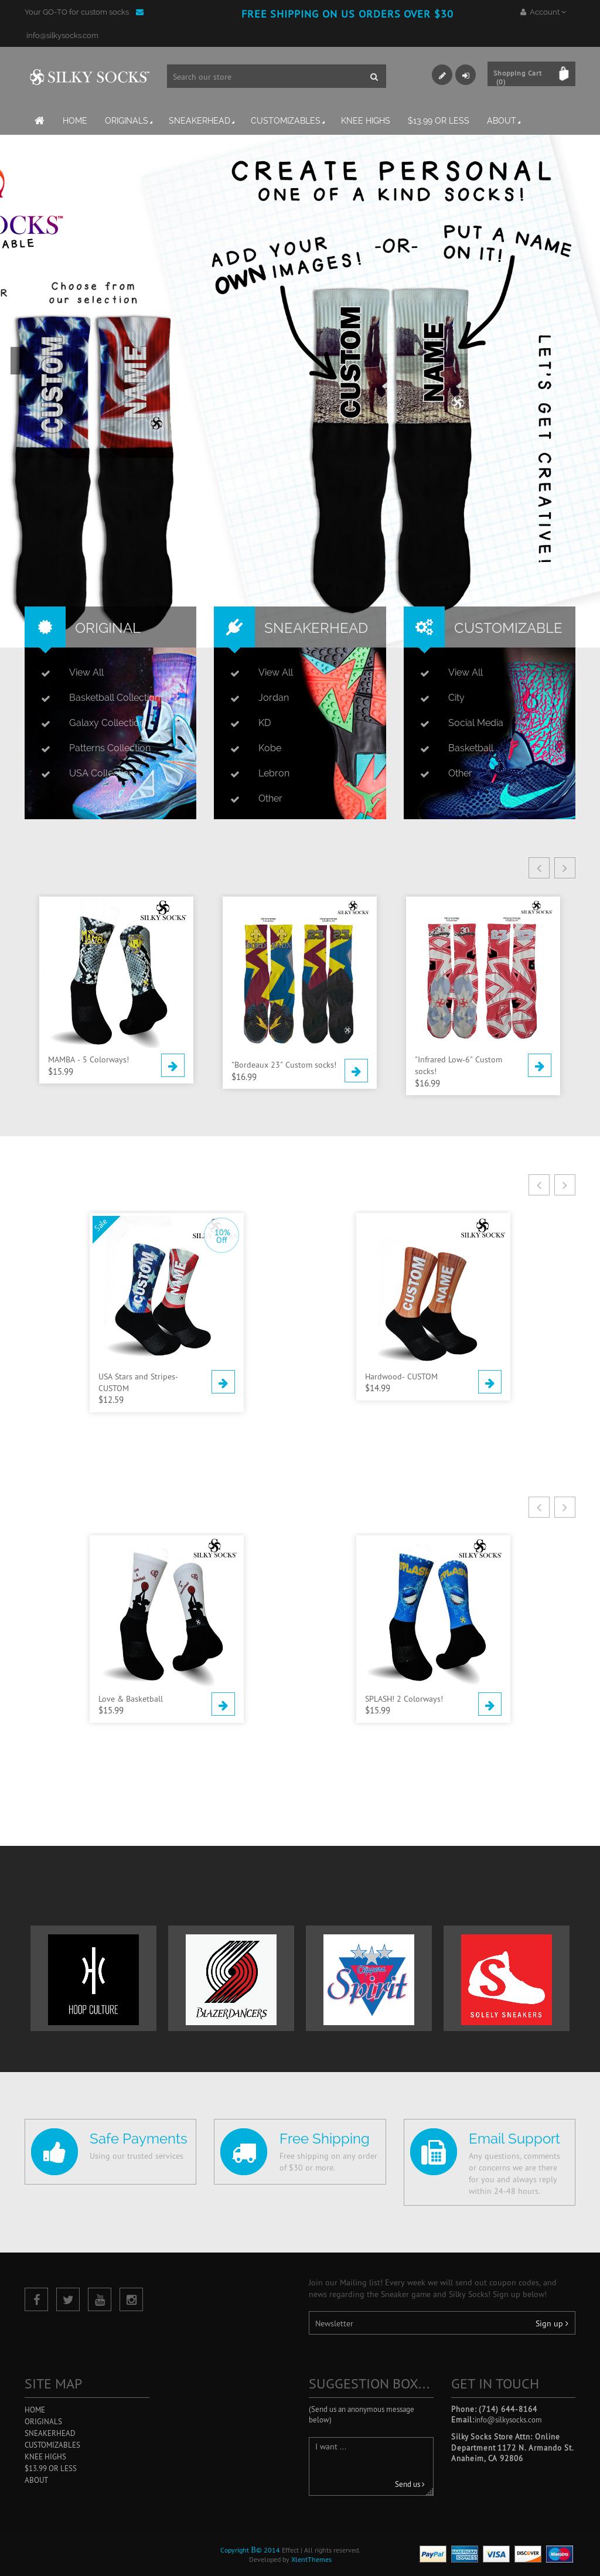 223af2ab714d67 Silky Socks Competitors